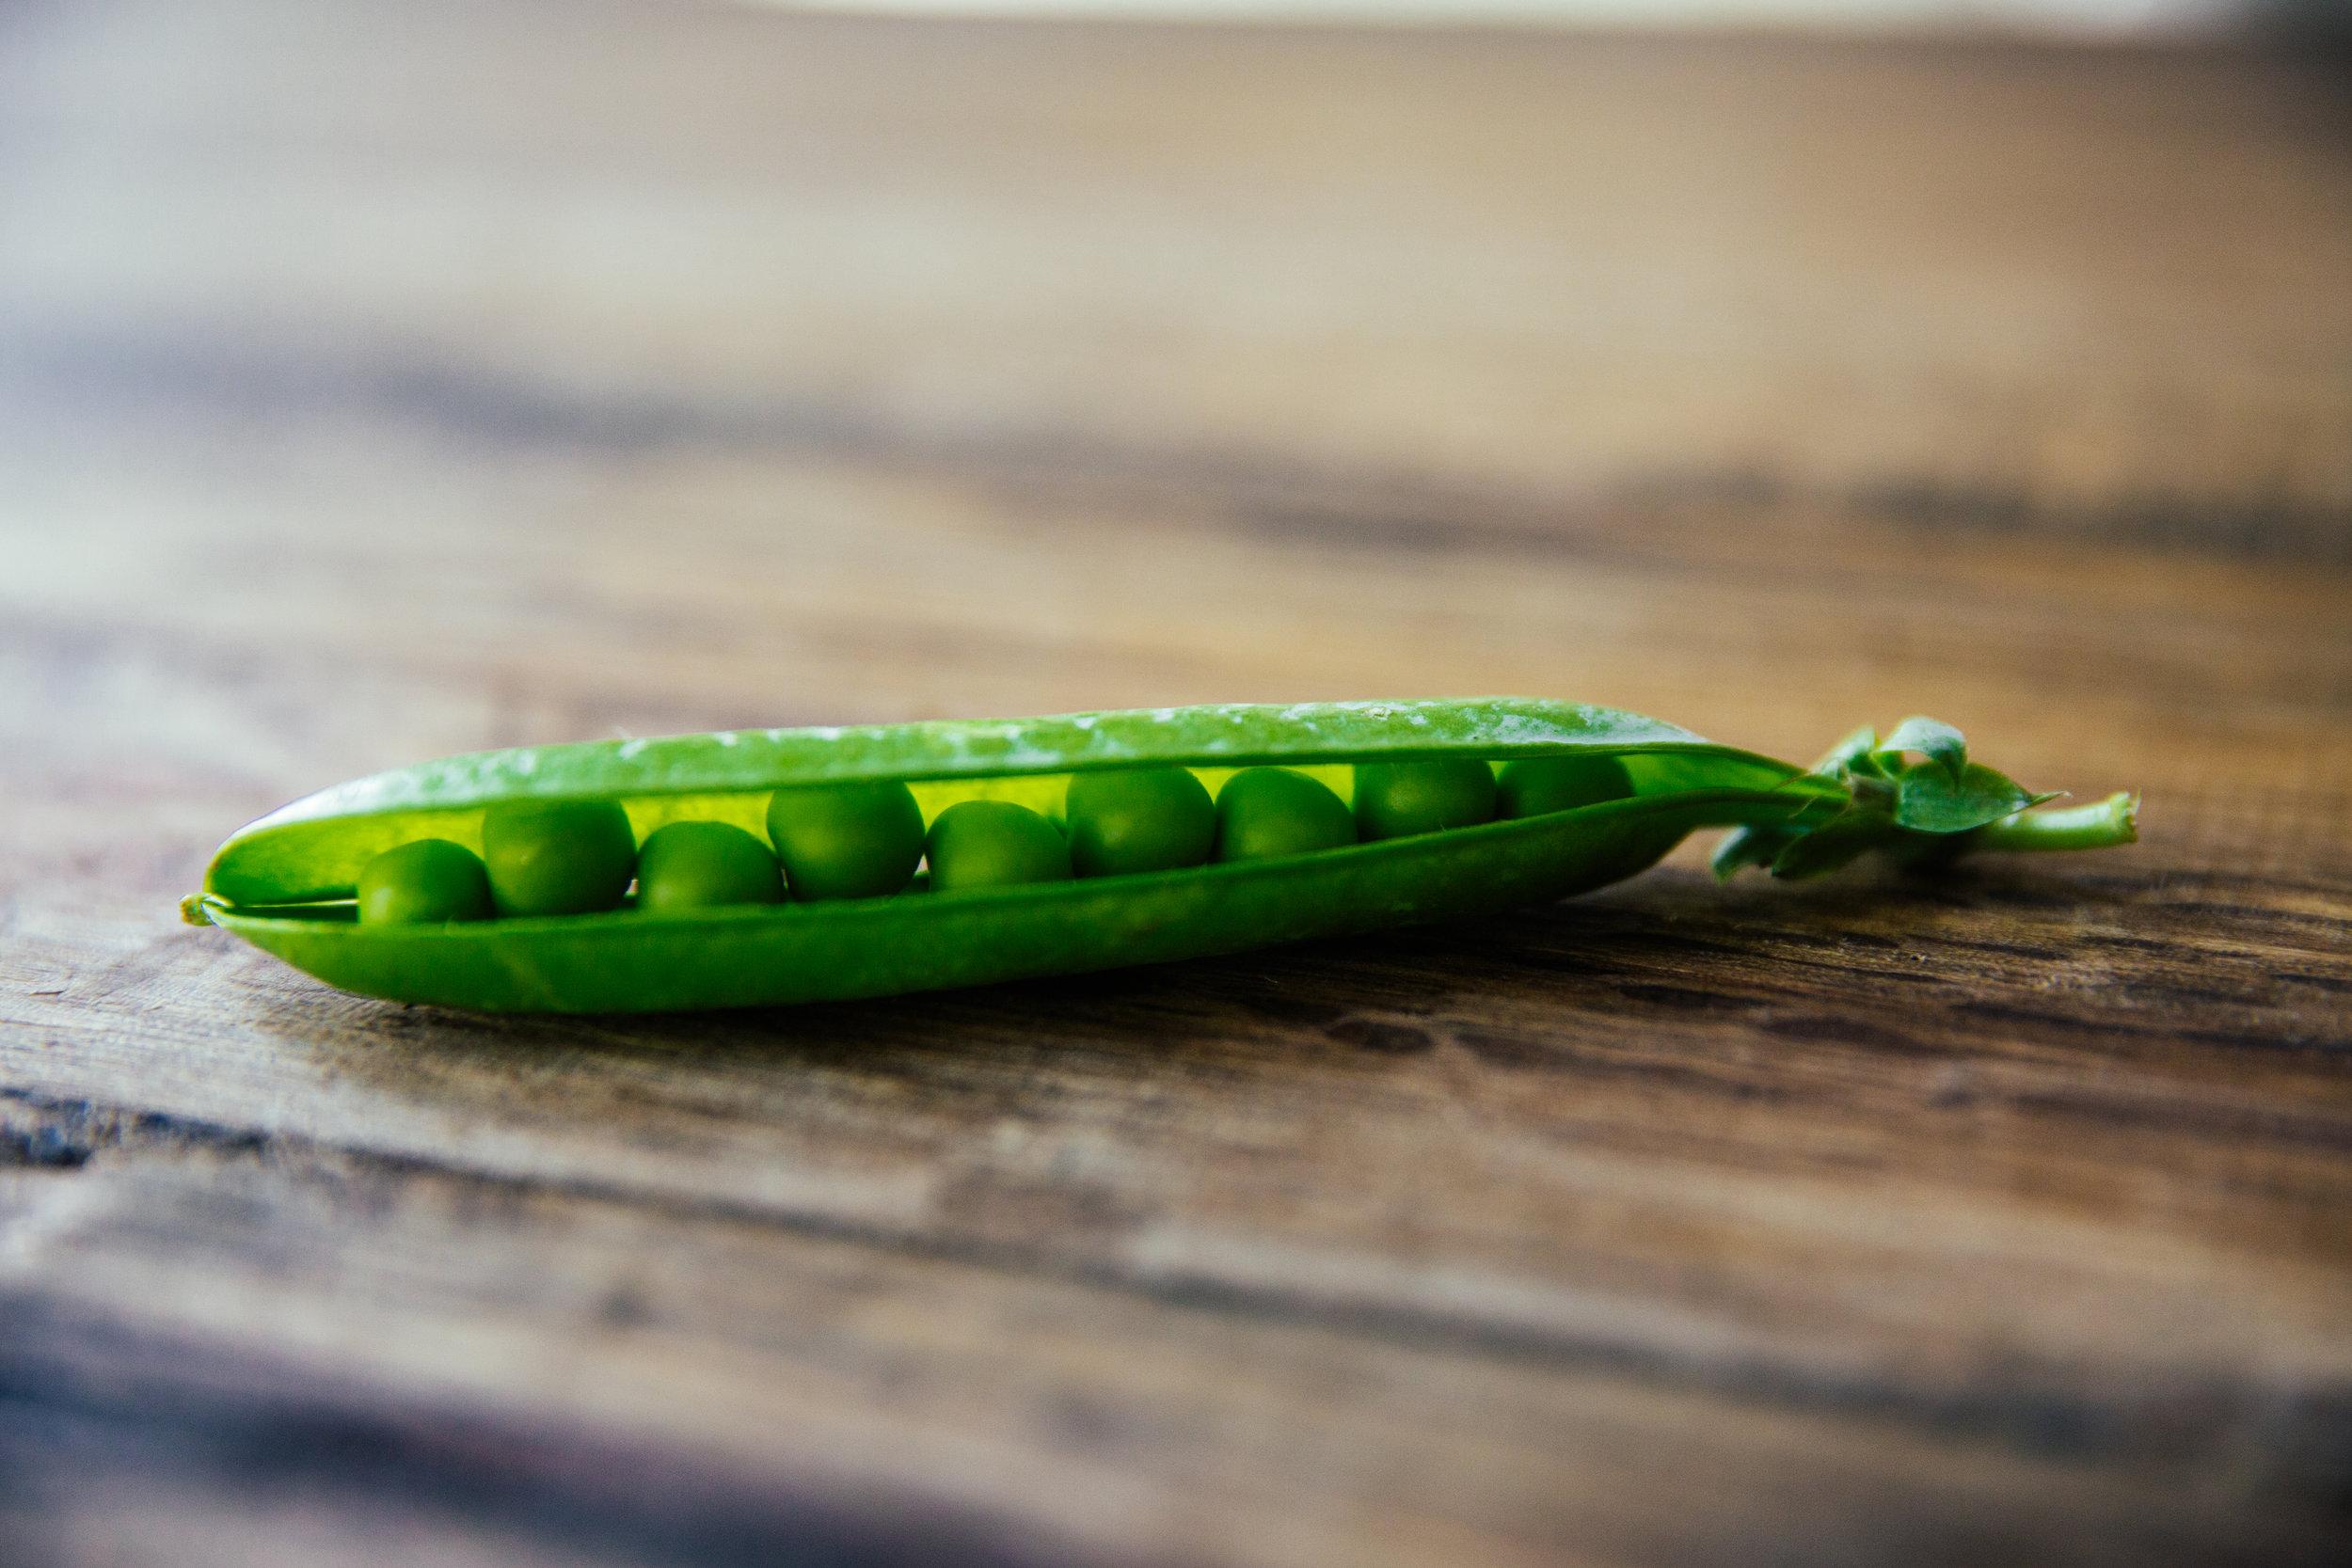 Första året:Ärtor, bönor, gröngödsling - Första året odlas baljväxter som tillför jorden näring med hjälp av kvävefixerande rötter. Ingen extra näring tillsätts.